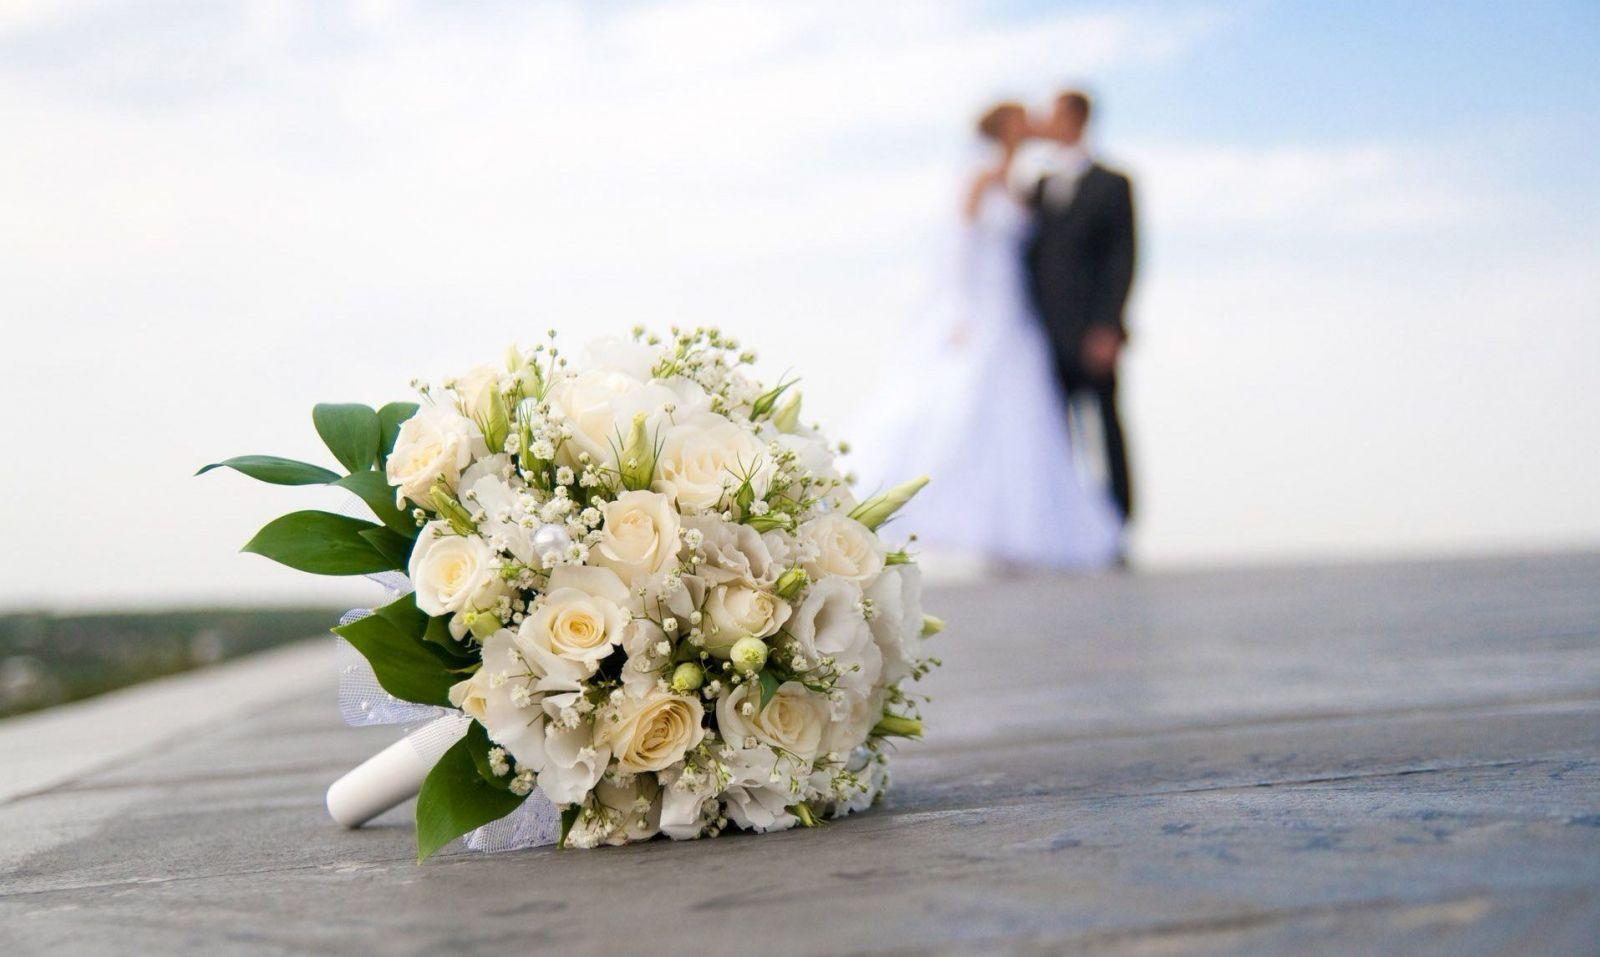 Организация свадеб и торжеств. Проведение свадьбы